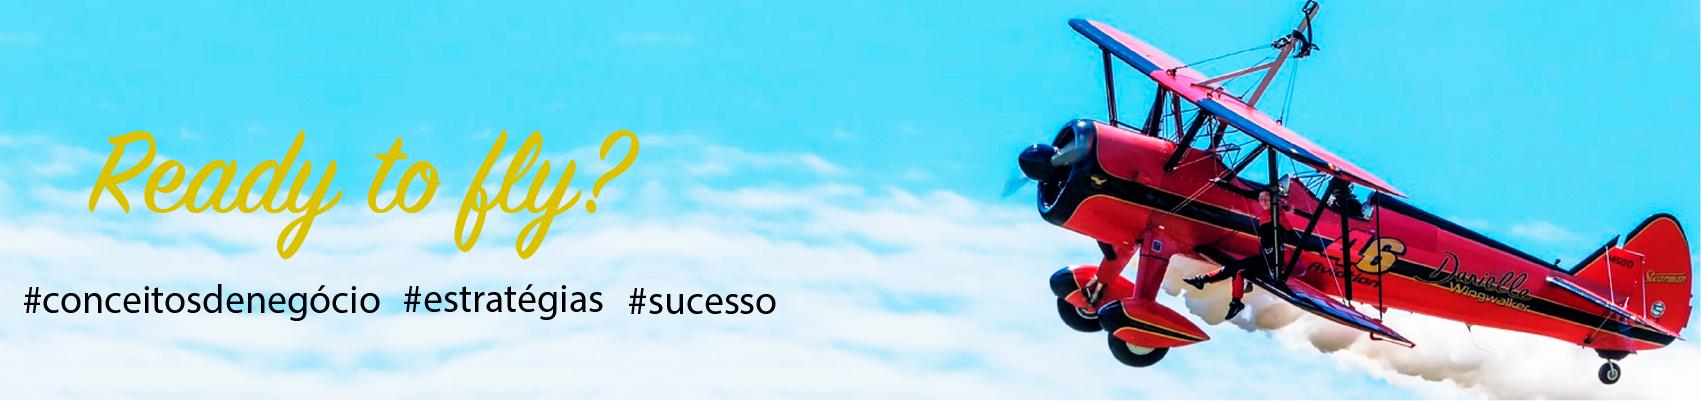 Conceitos de negócio, estratégias, sucesso